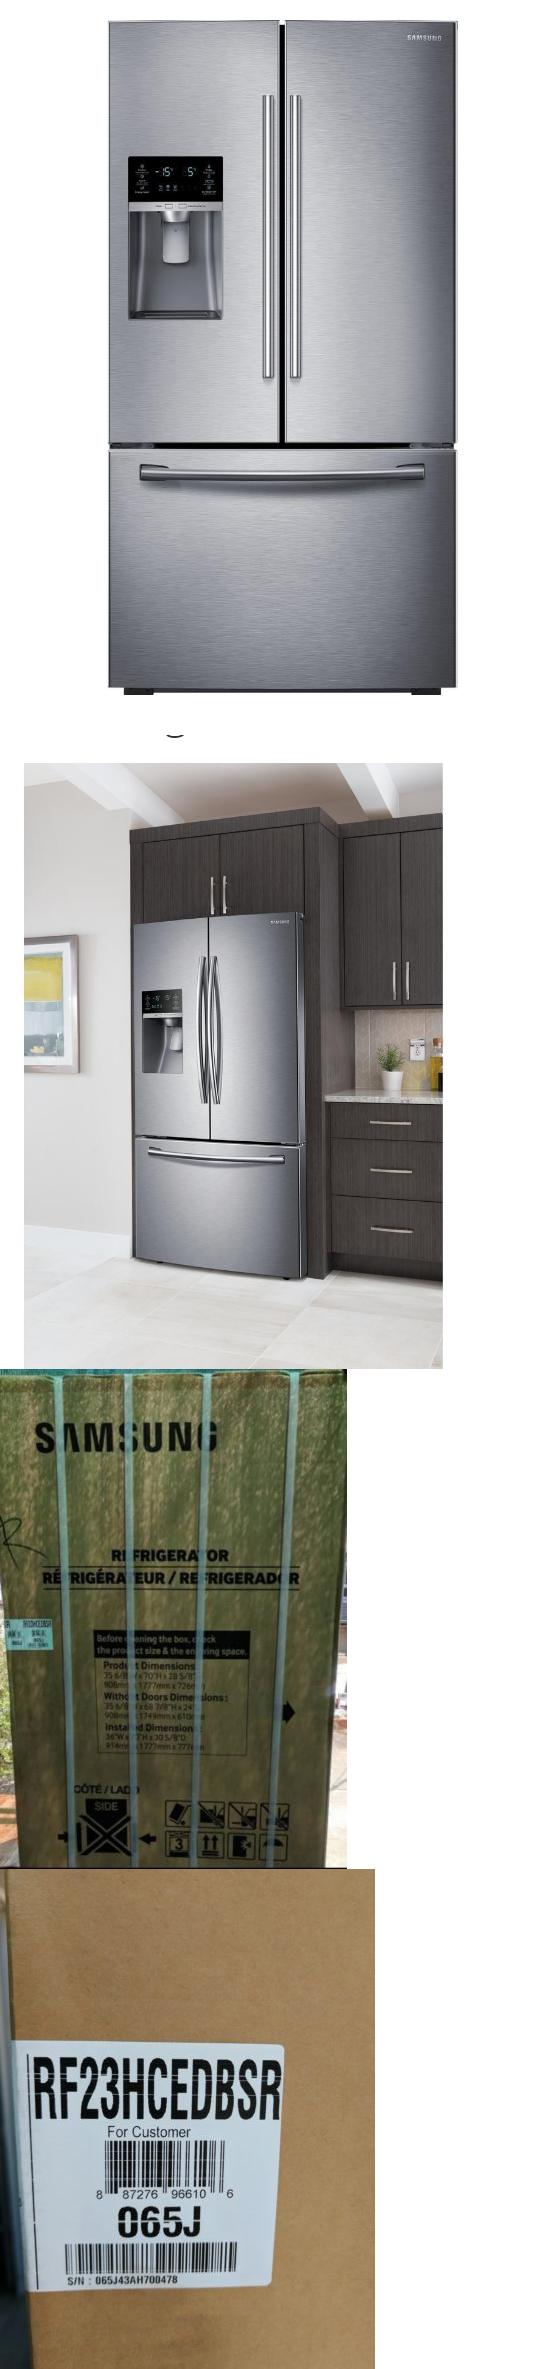 samsung rf23hcedbsr 225 cu ft french door s steel counter depth